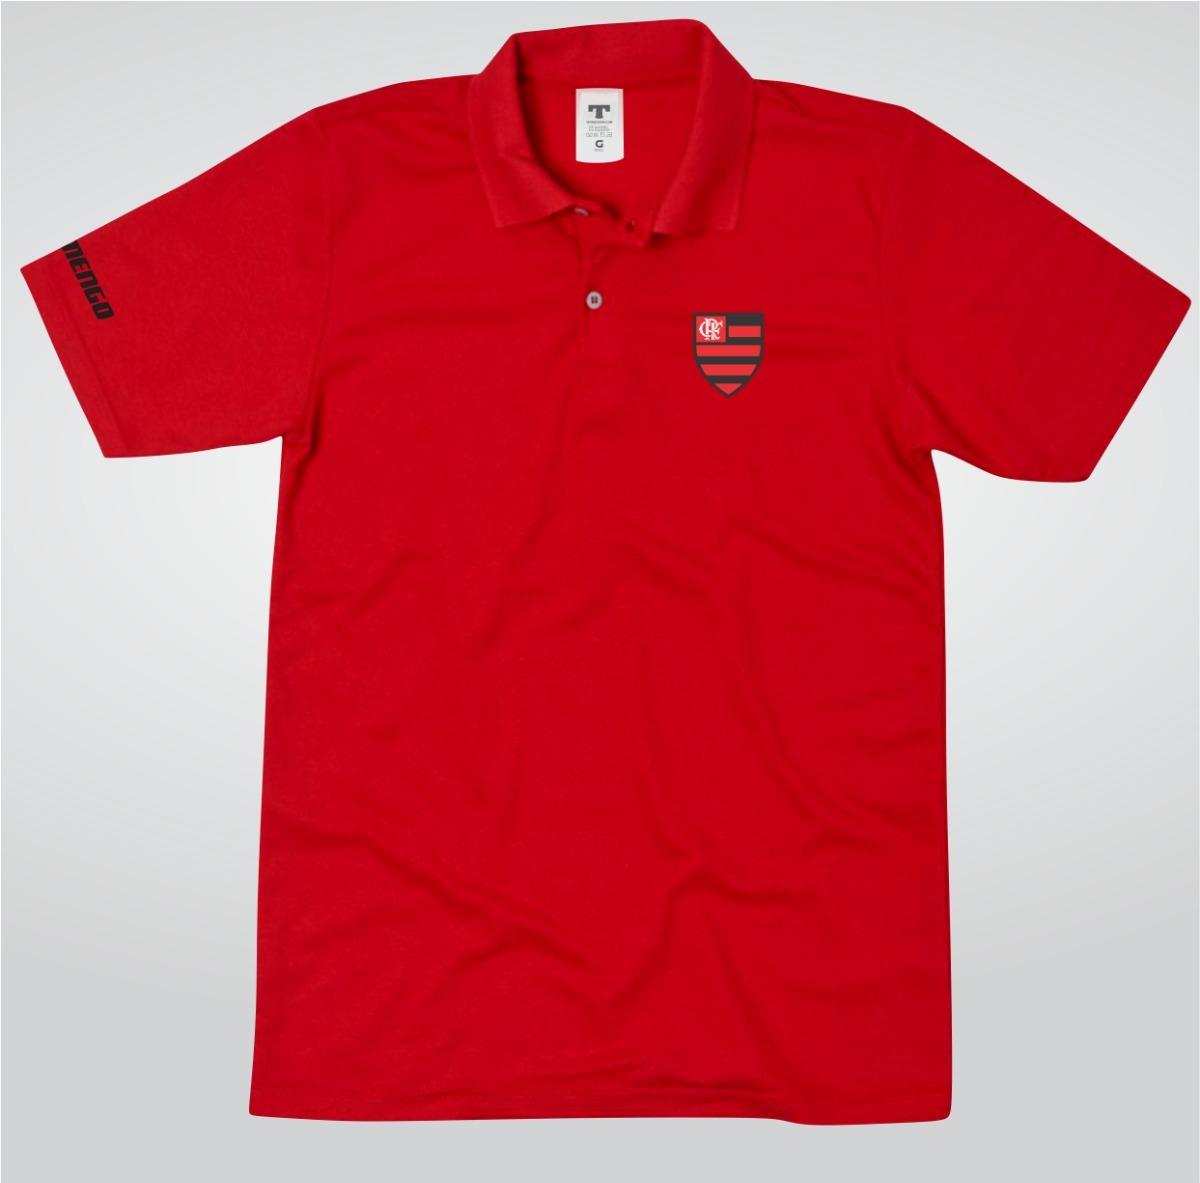 98b2960502f89 camisa camiseta flamengo polo torcedor preto ou branco fla. Carregando zoom.